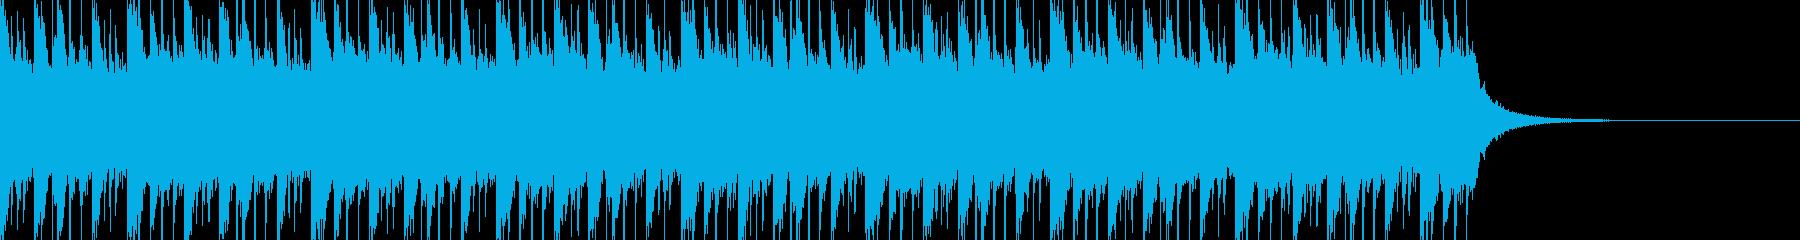 攻撃的なリズムと軽快なシンセの組み合わせの再生済みの波形